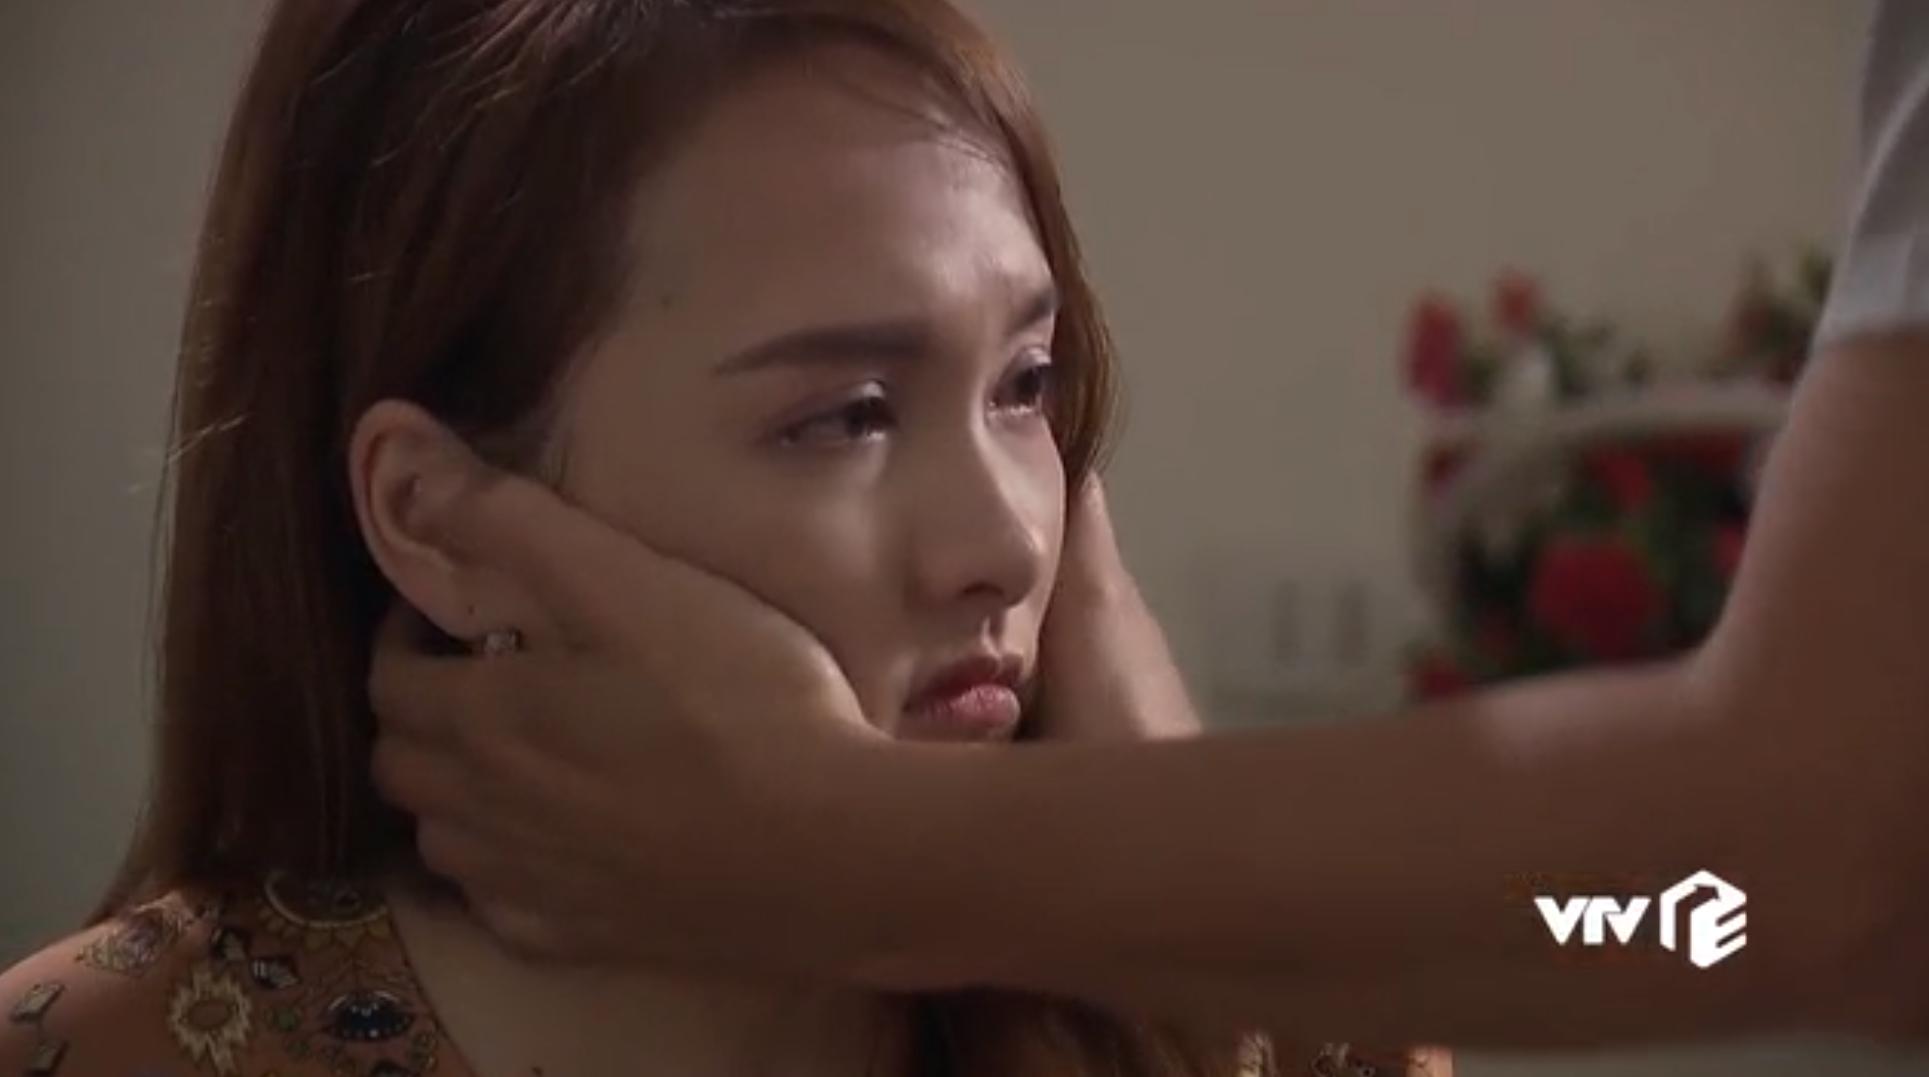 Cảnh phim xúc động nhất tập 69 Về nhà đi con lại trở nên hài hước bởi chiếc hoa tai, dân mạng thích thú gọi tên cô Hạnh-5